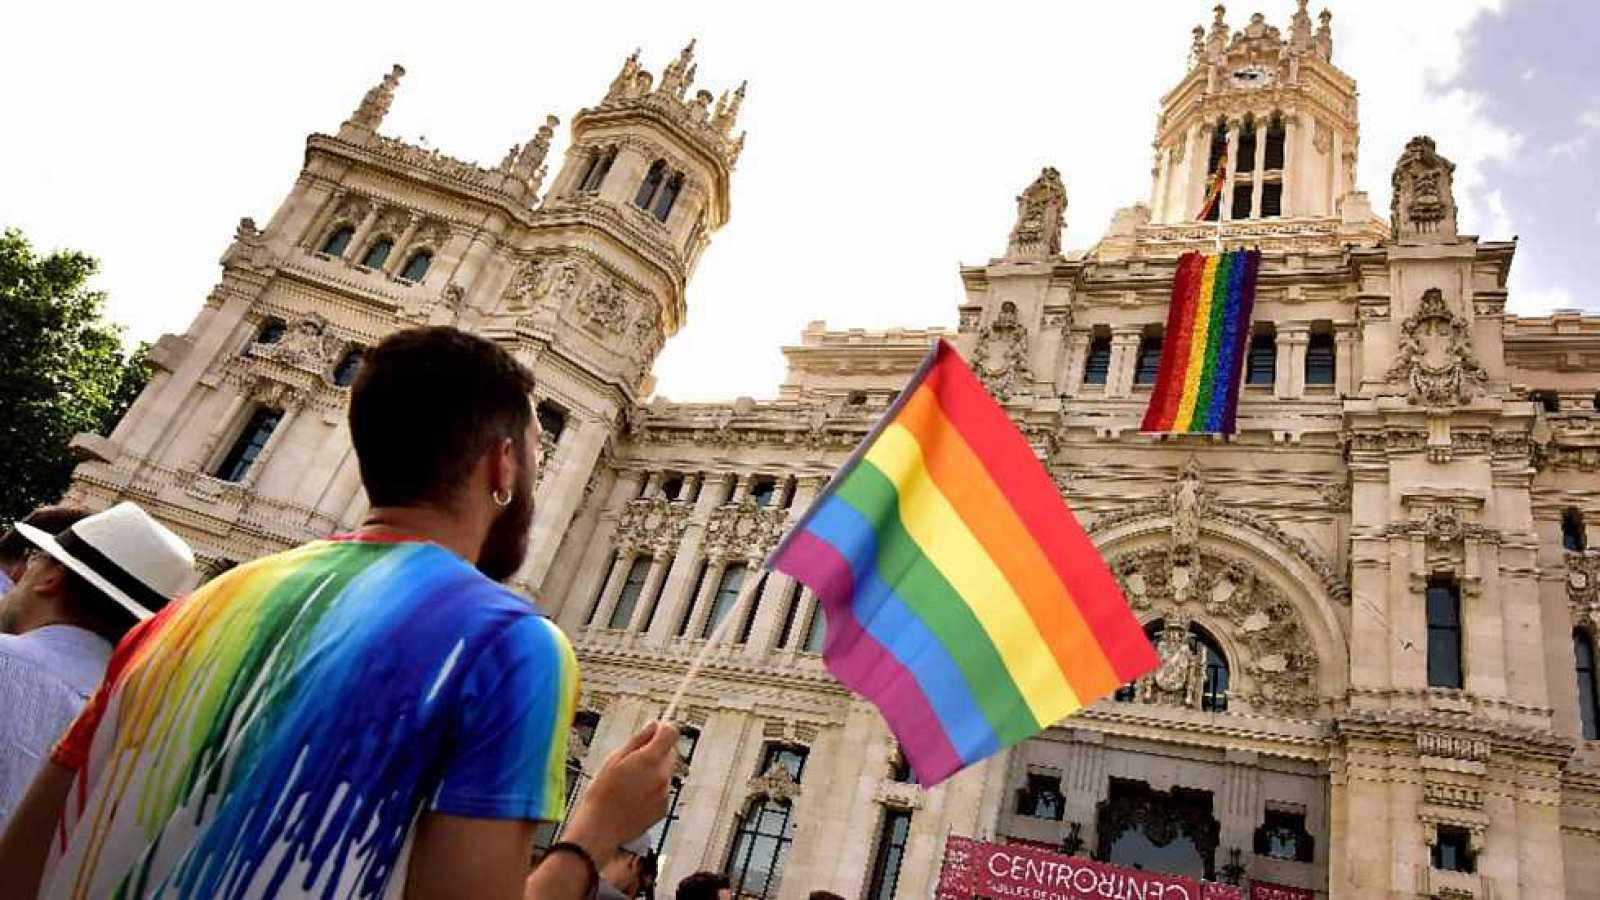 España en 24 horas - 30/06/17 - ver ahora